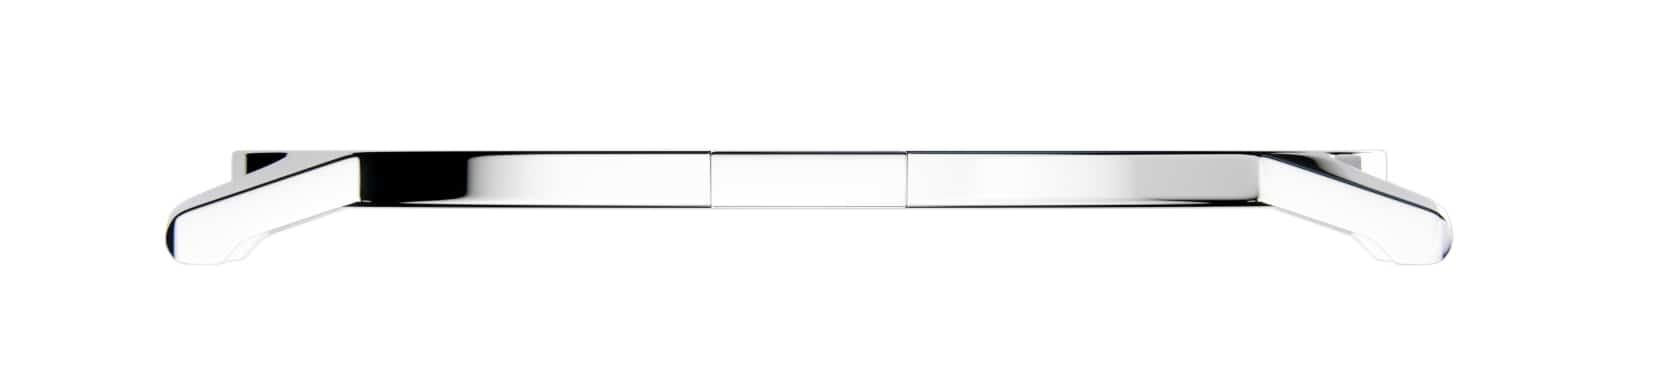 Das Kobalt-Chrom-Gehäuse der Piaget Uhr im seitlichen Profil